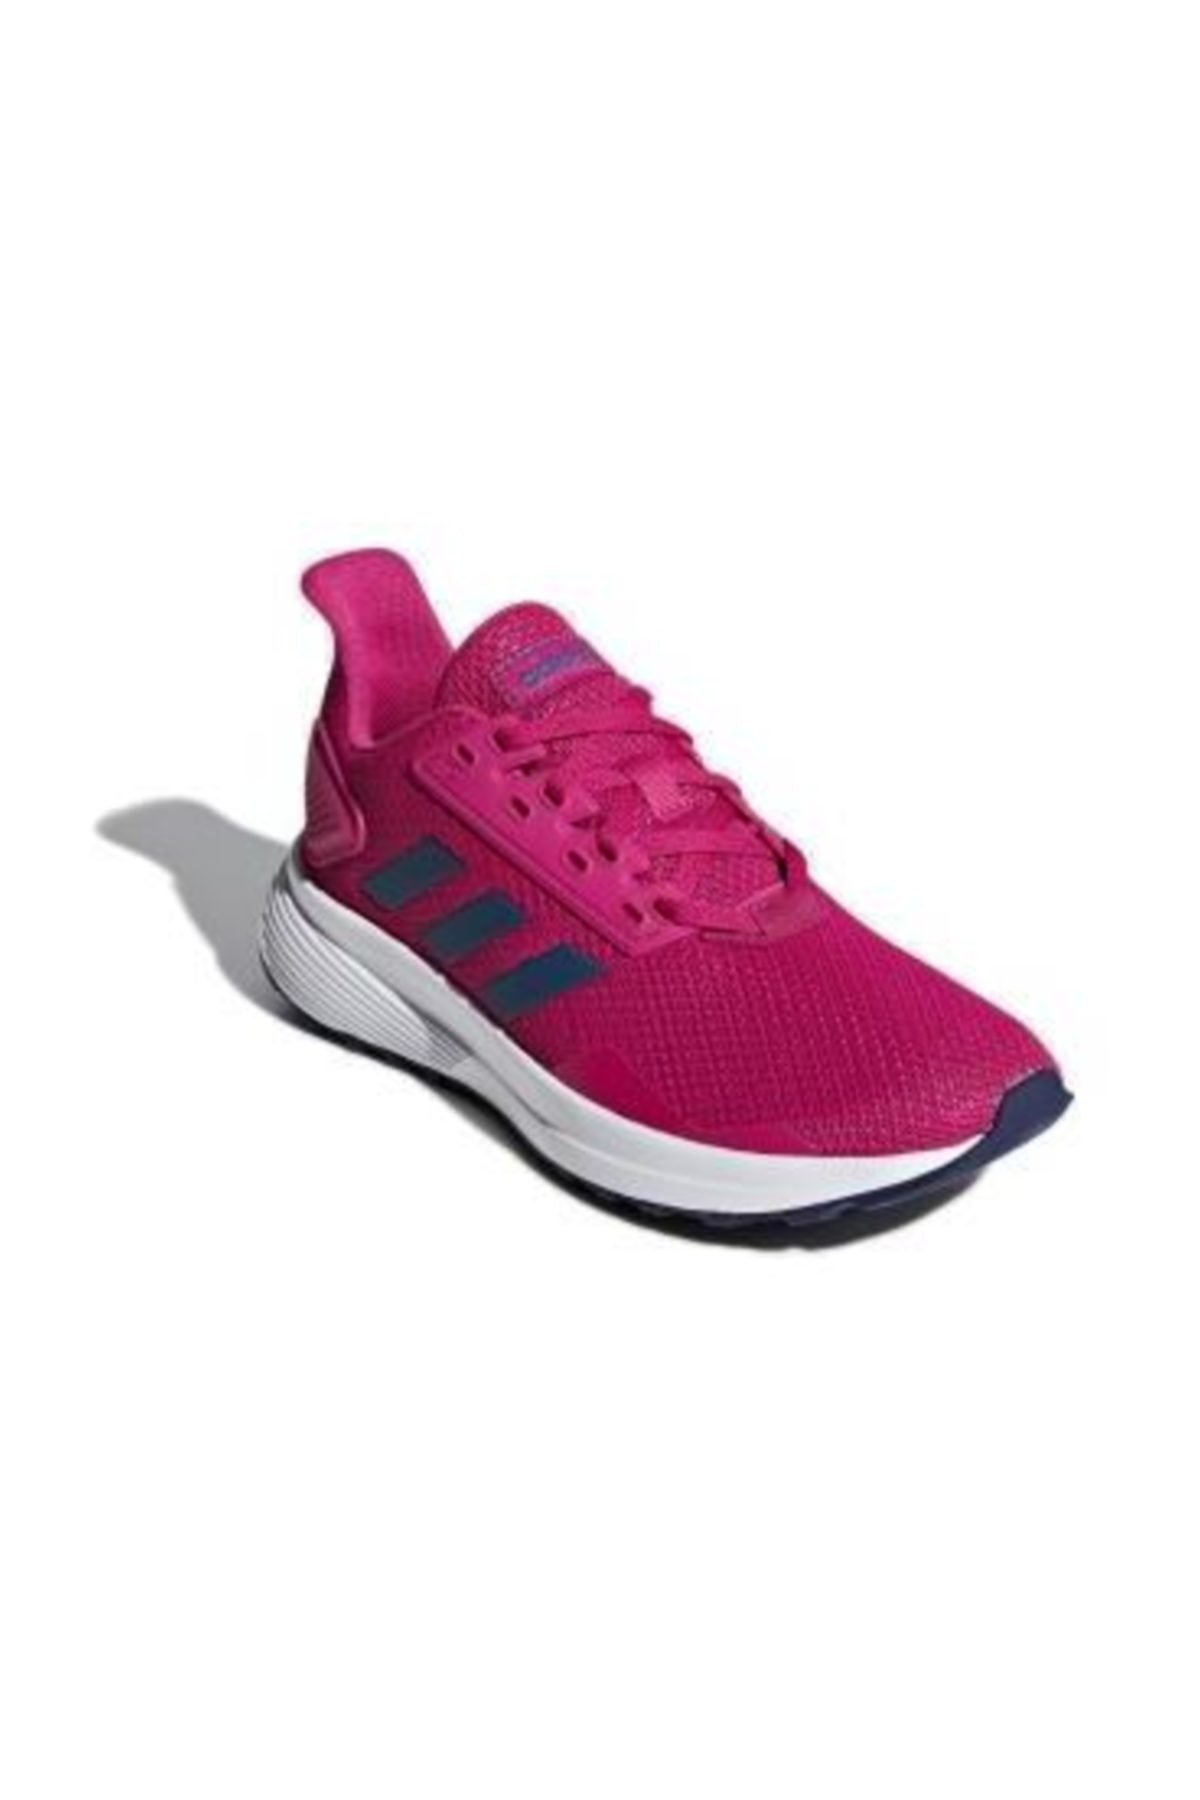 adidas DURAMO 9 K Pembe Kadın Koşu Ayakkabısı 100409040 1